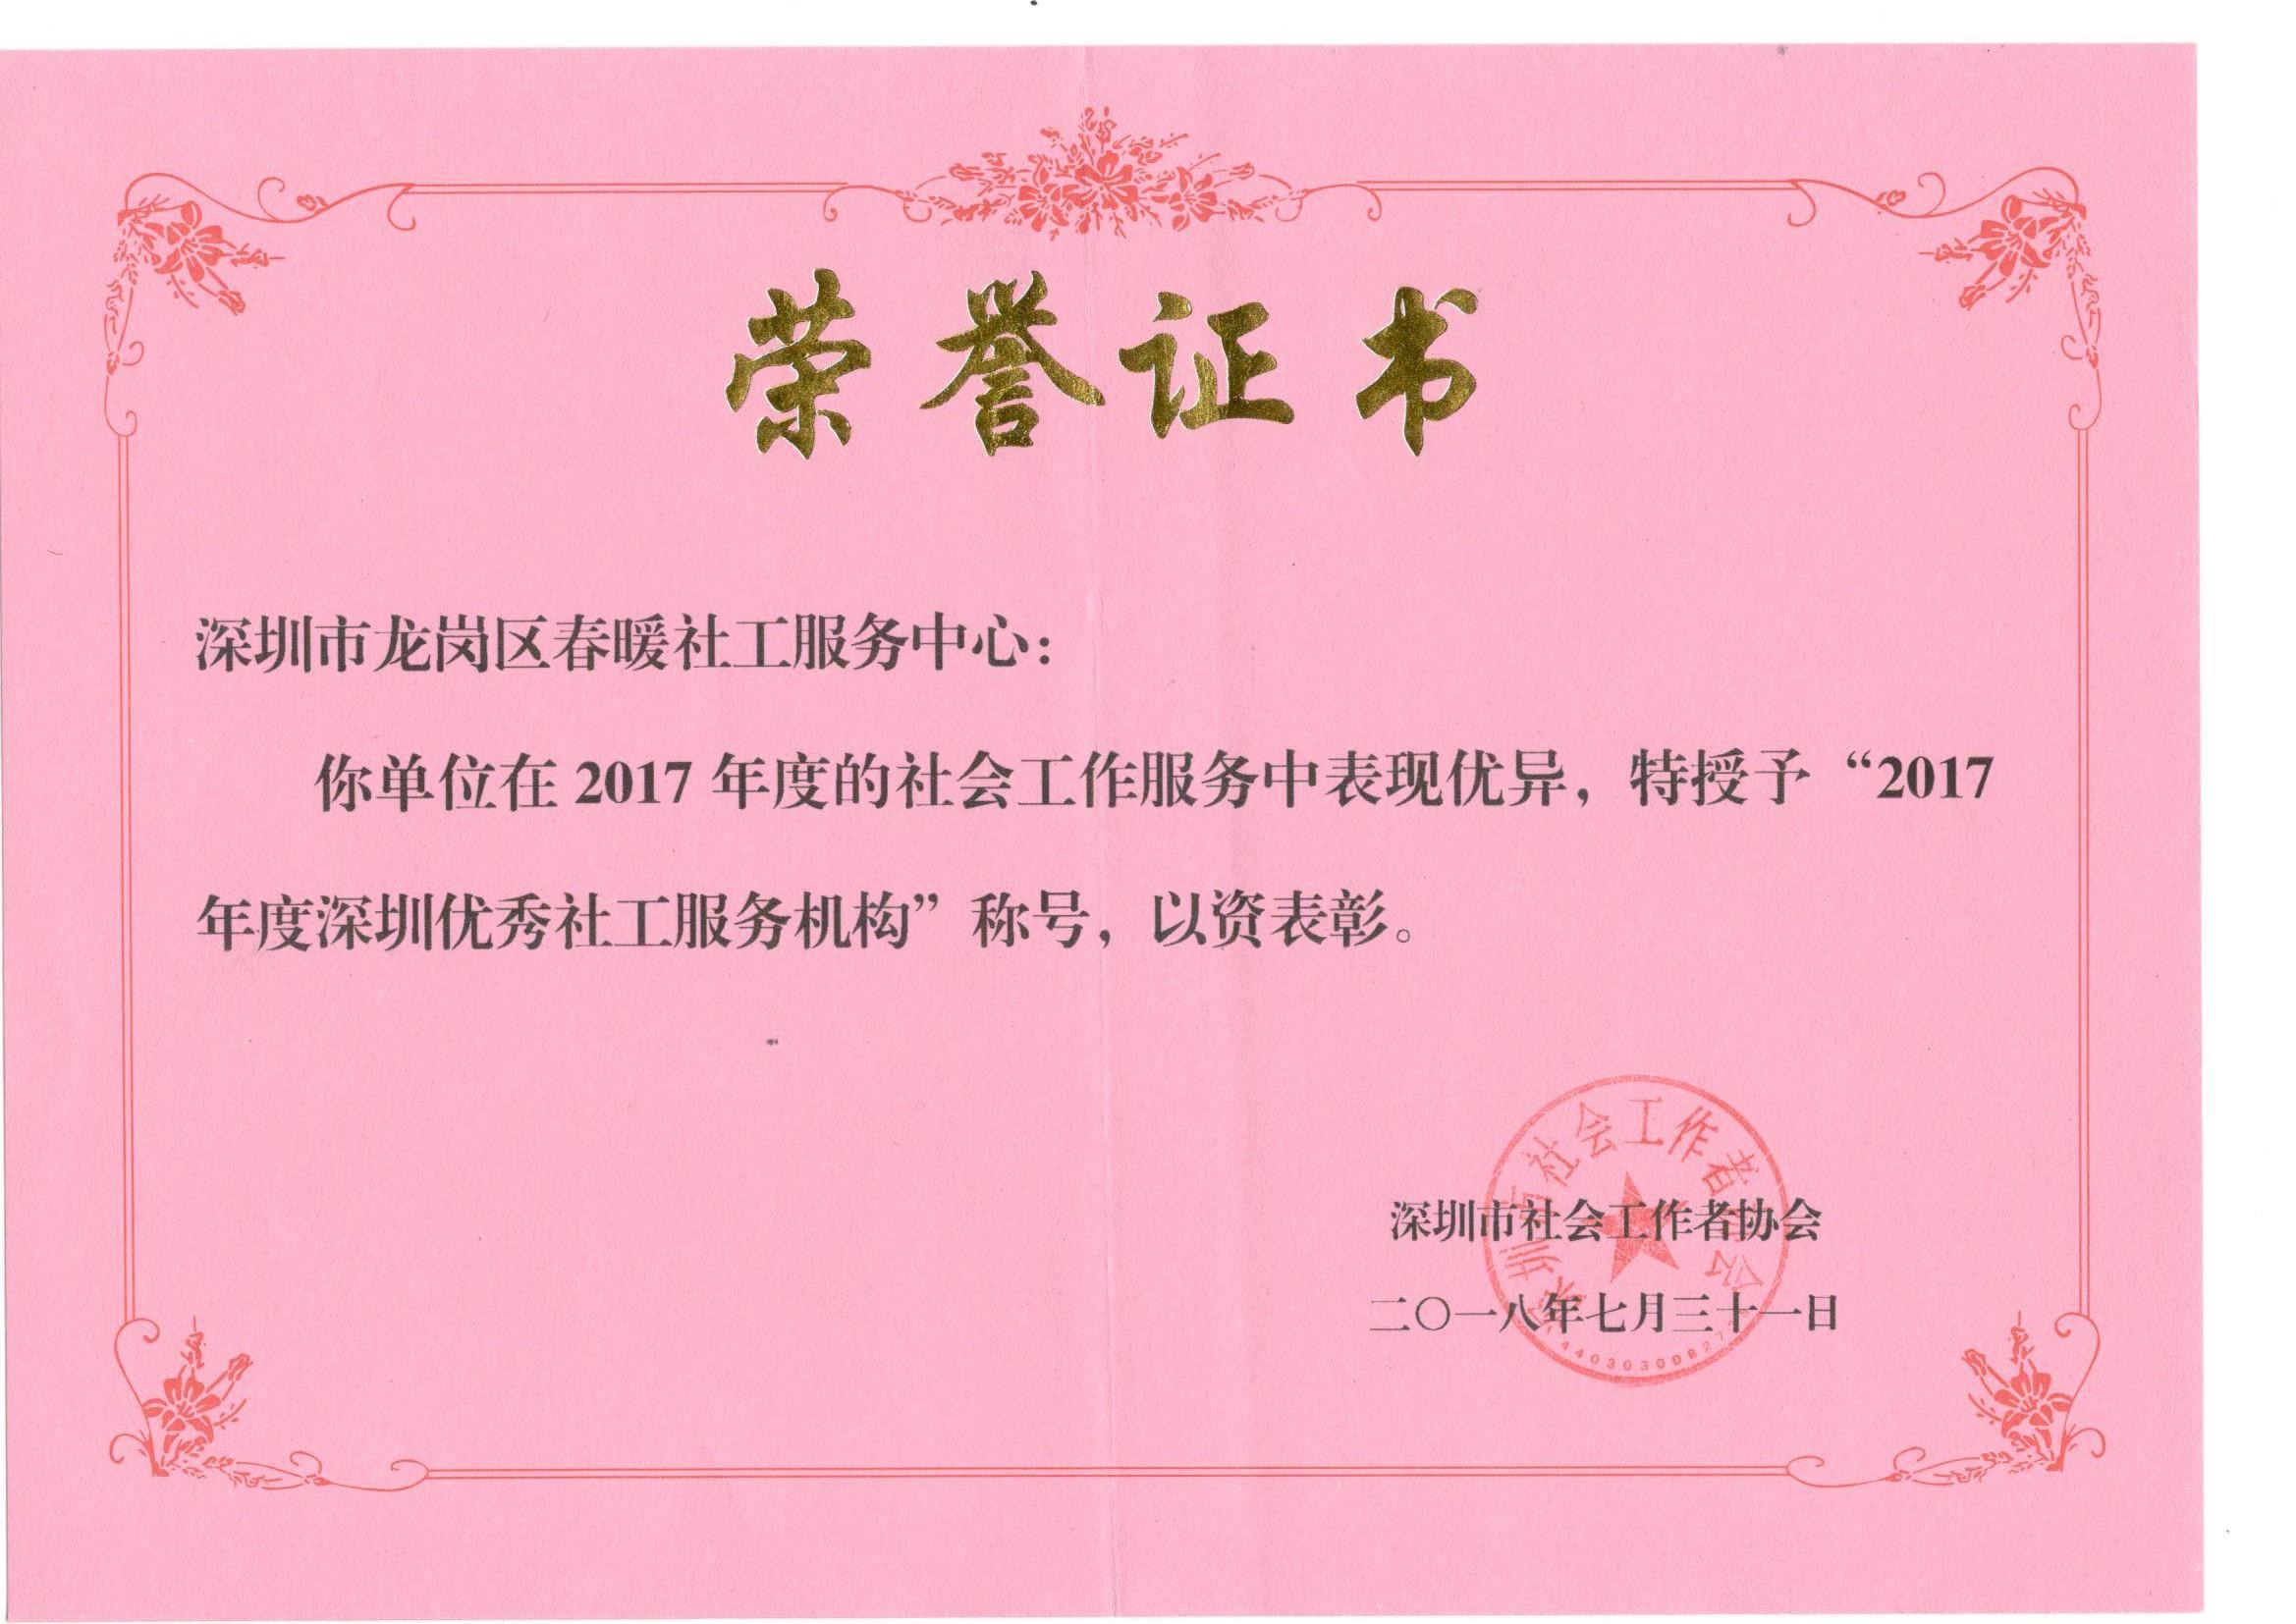 -2017年度深圳优秀社工服务机构称号-市级-机构